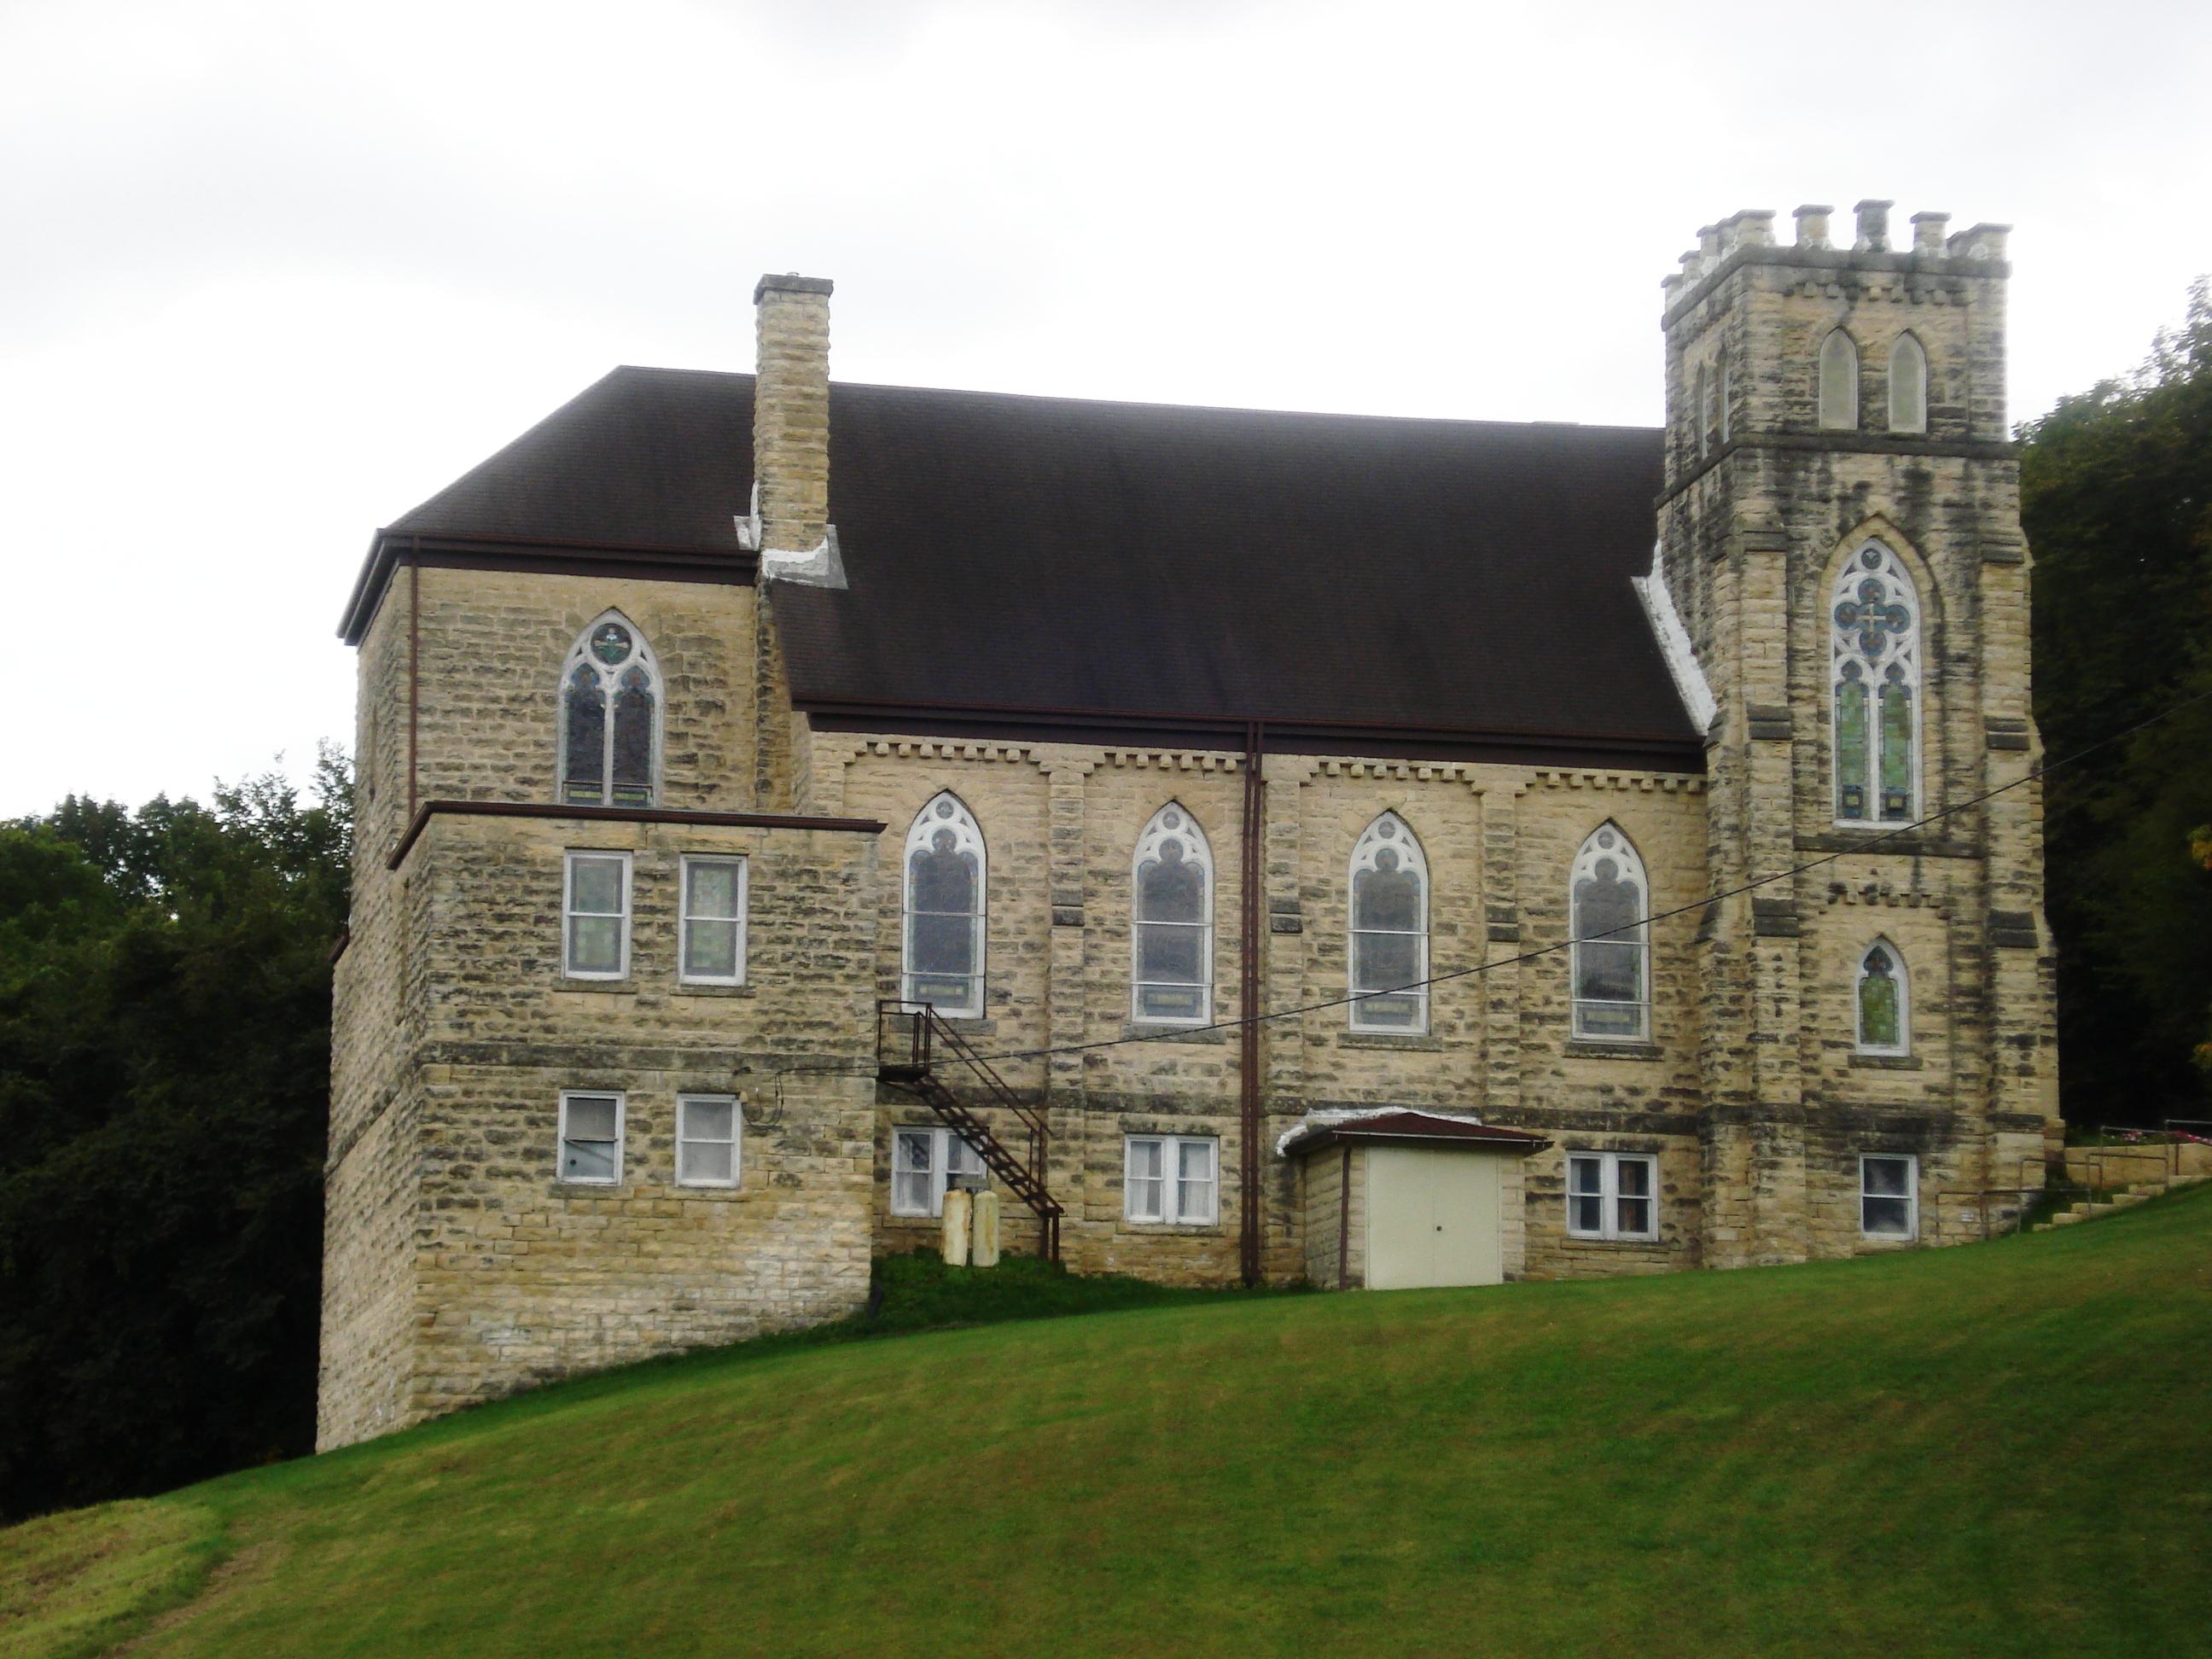 Dearborn St  Iowa City Ia